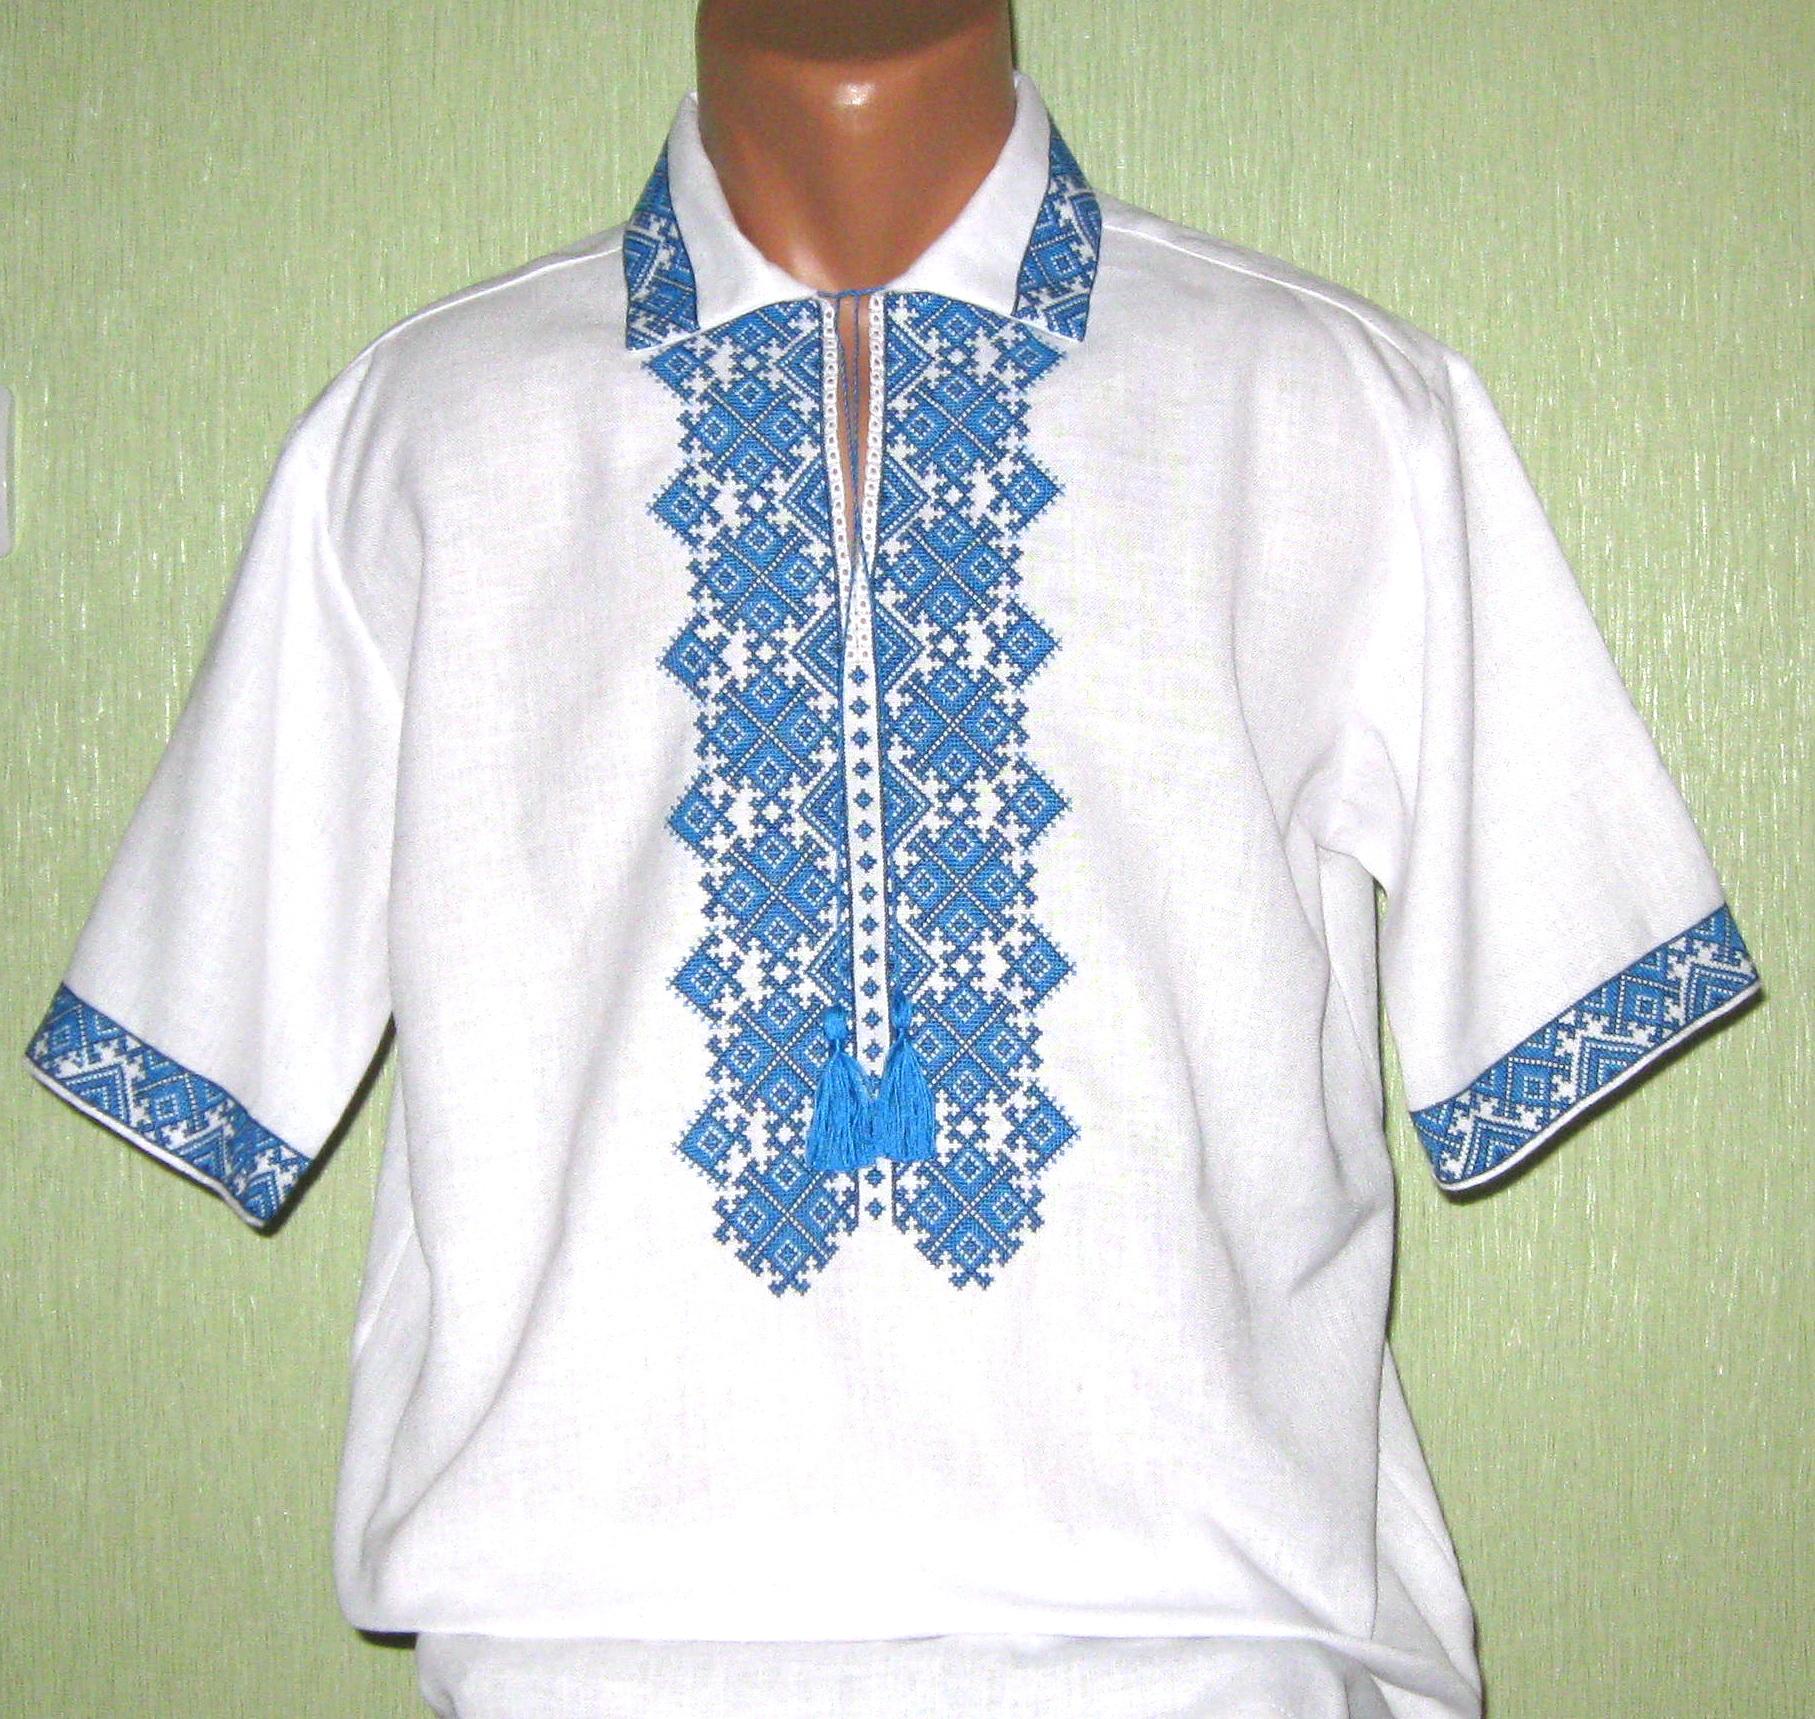 вишиванка чоловіча з коротким рукавом - Товари - Вишиванки ручної ... 93b90e98af7c1